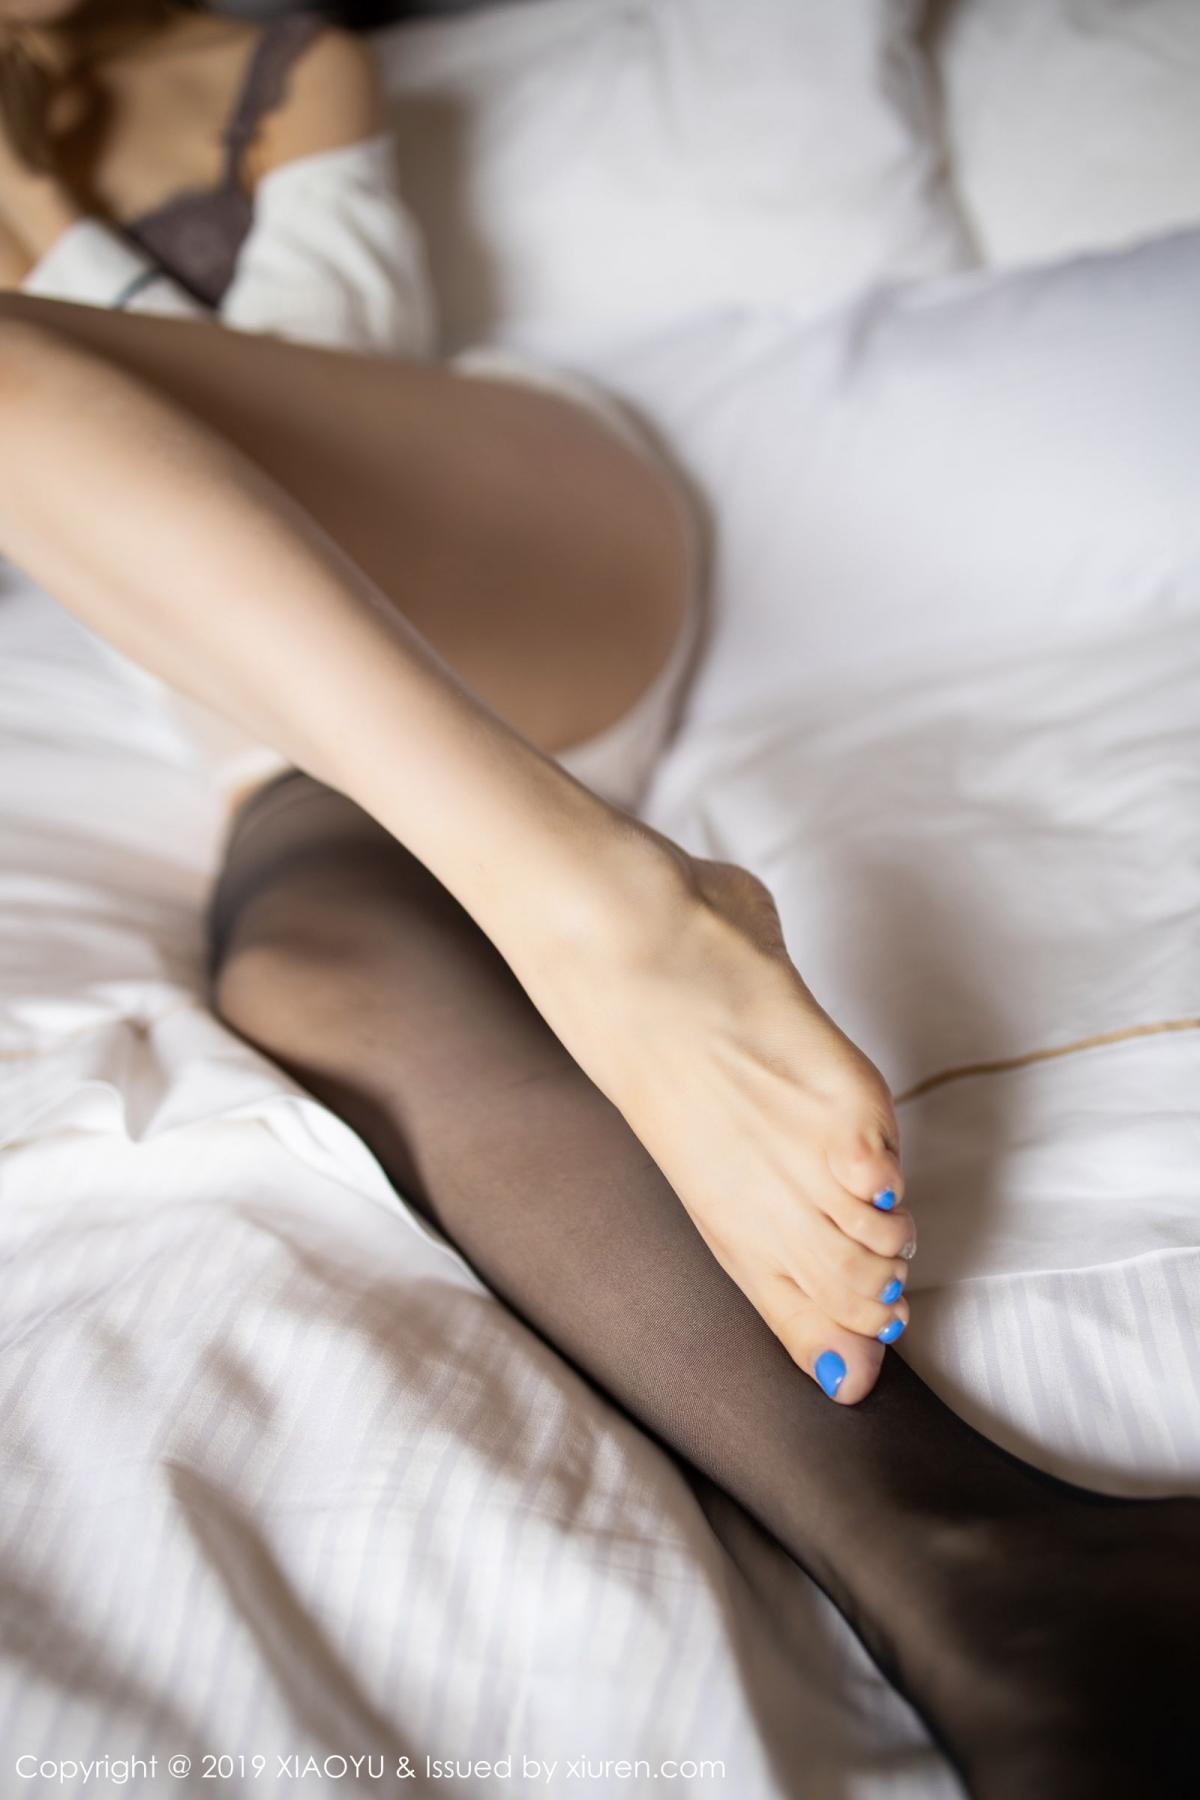 [XiaoYu] Vol.181 Yuner Claire 64P, Black Silk, Underwear, XiaoYu, Yuner Claire